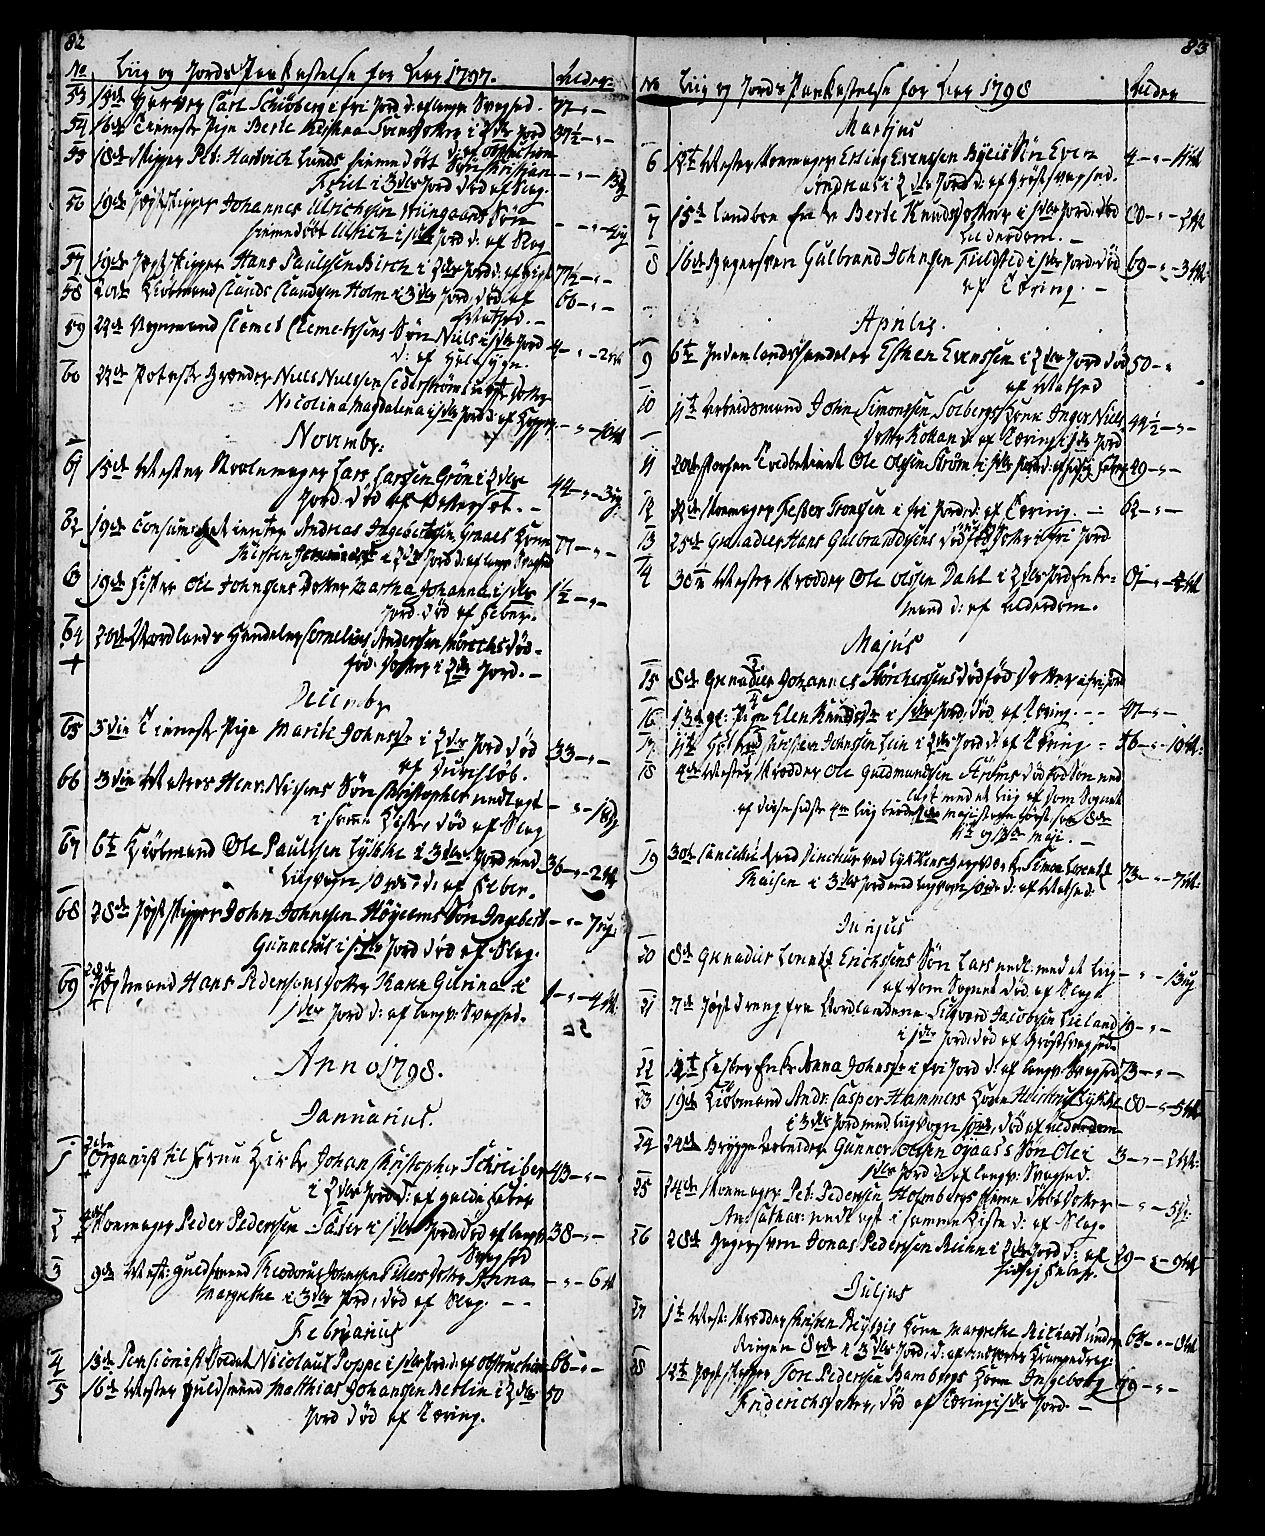 SAT, Ministerialprotokoller, klokkerbøker og fødselsregistre - Sør-Trøndelag, 602/L0134: Klokkerbok nr. 602C02, 1759-1812, s. 82-83